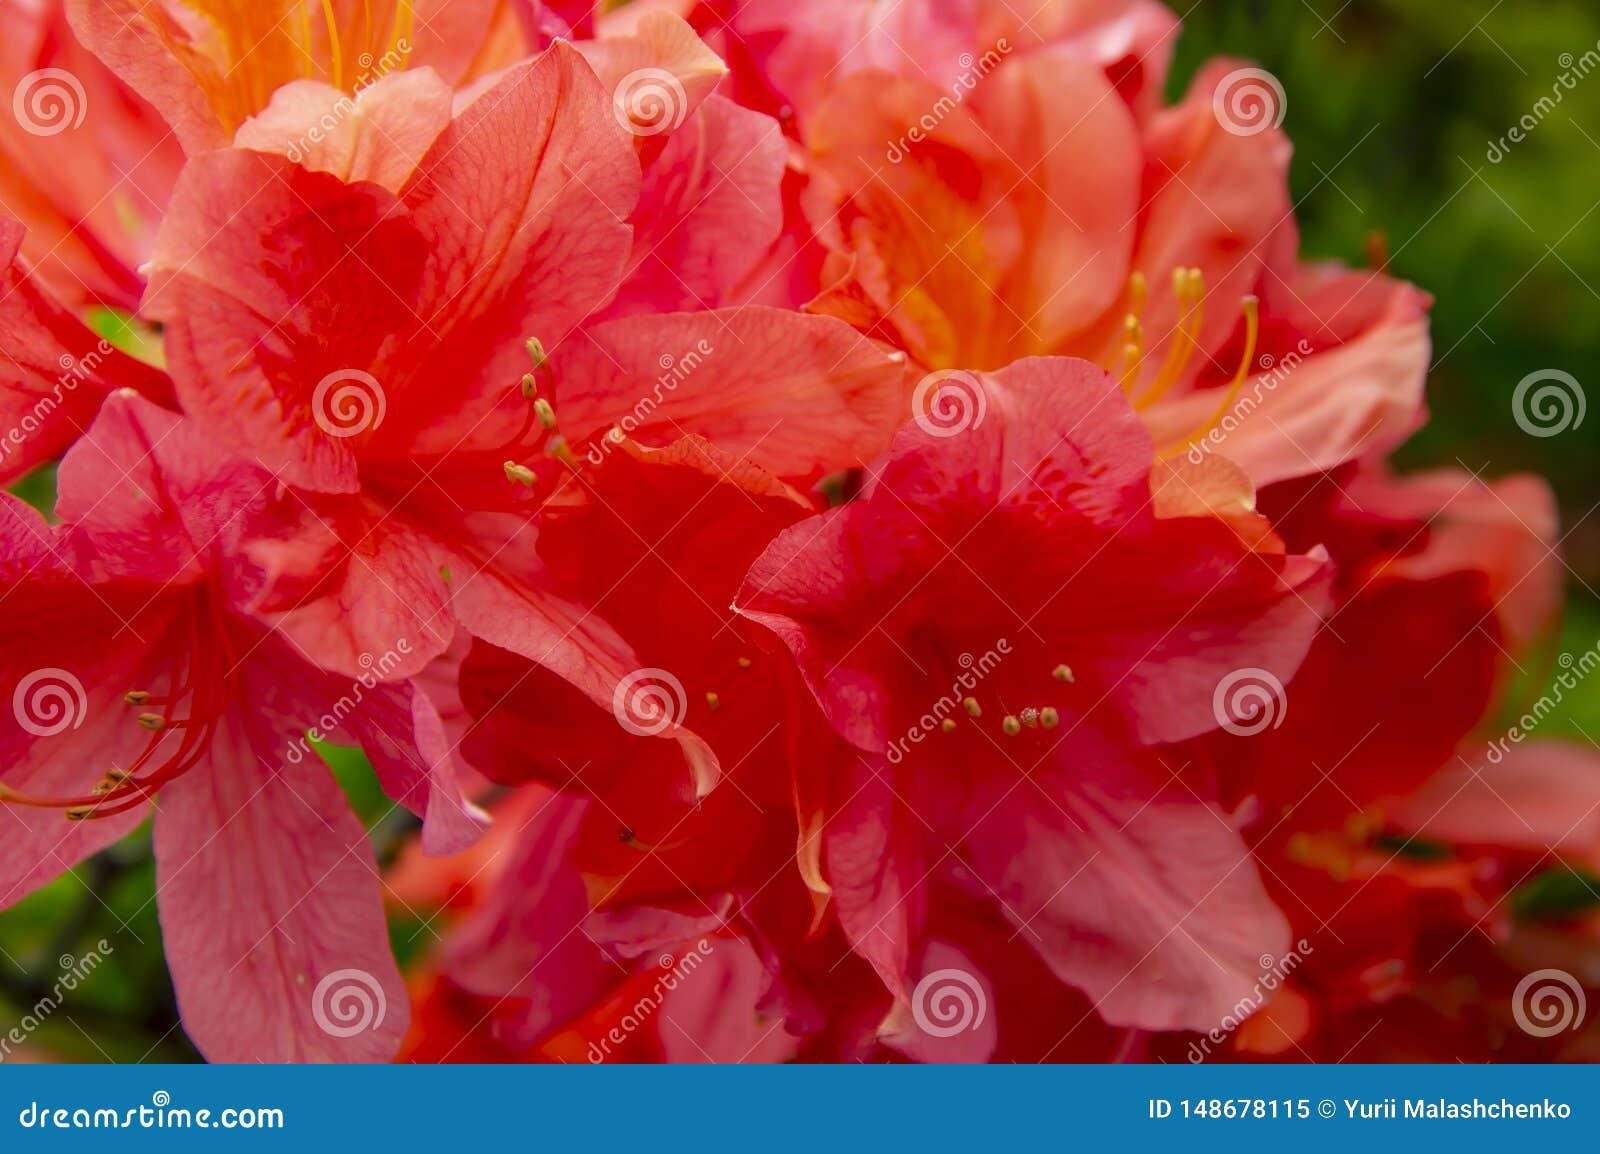 Bloeiende rode tuinbloemen in de lente op een zonnige dag